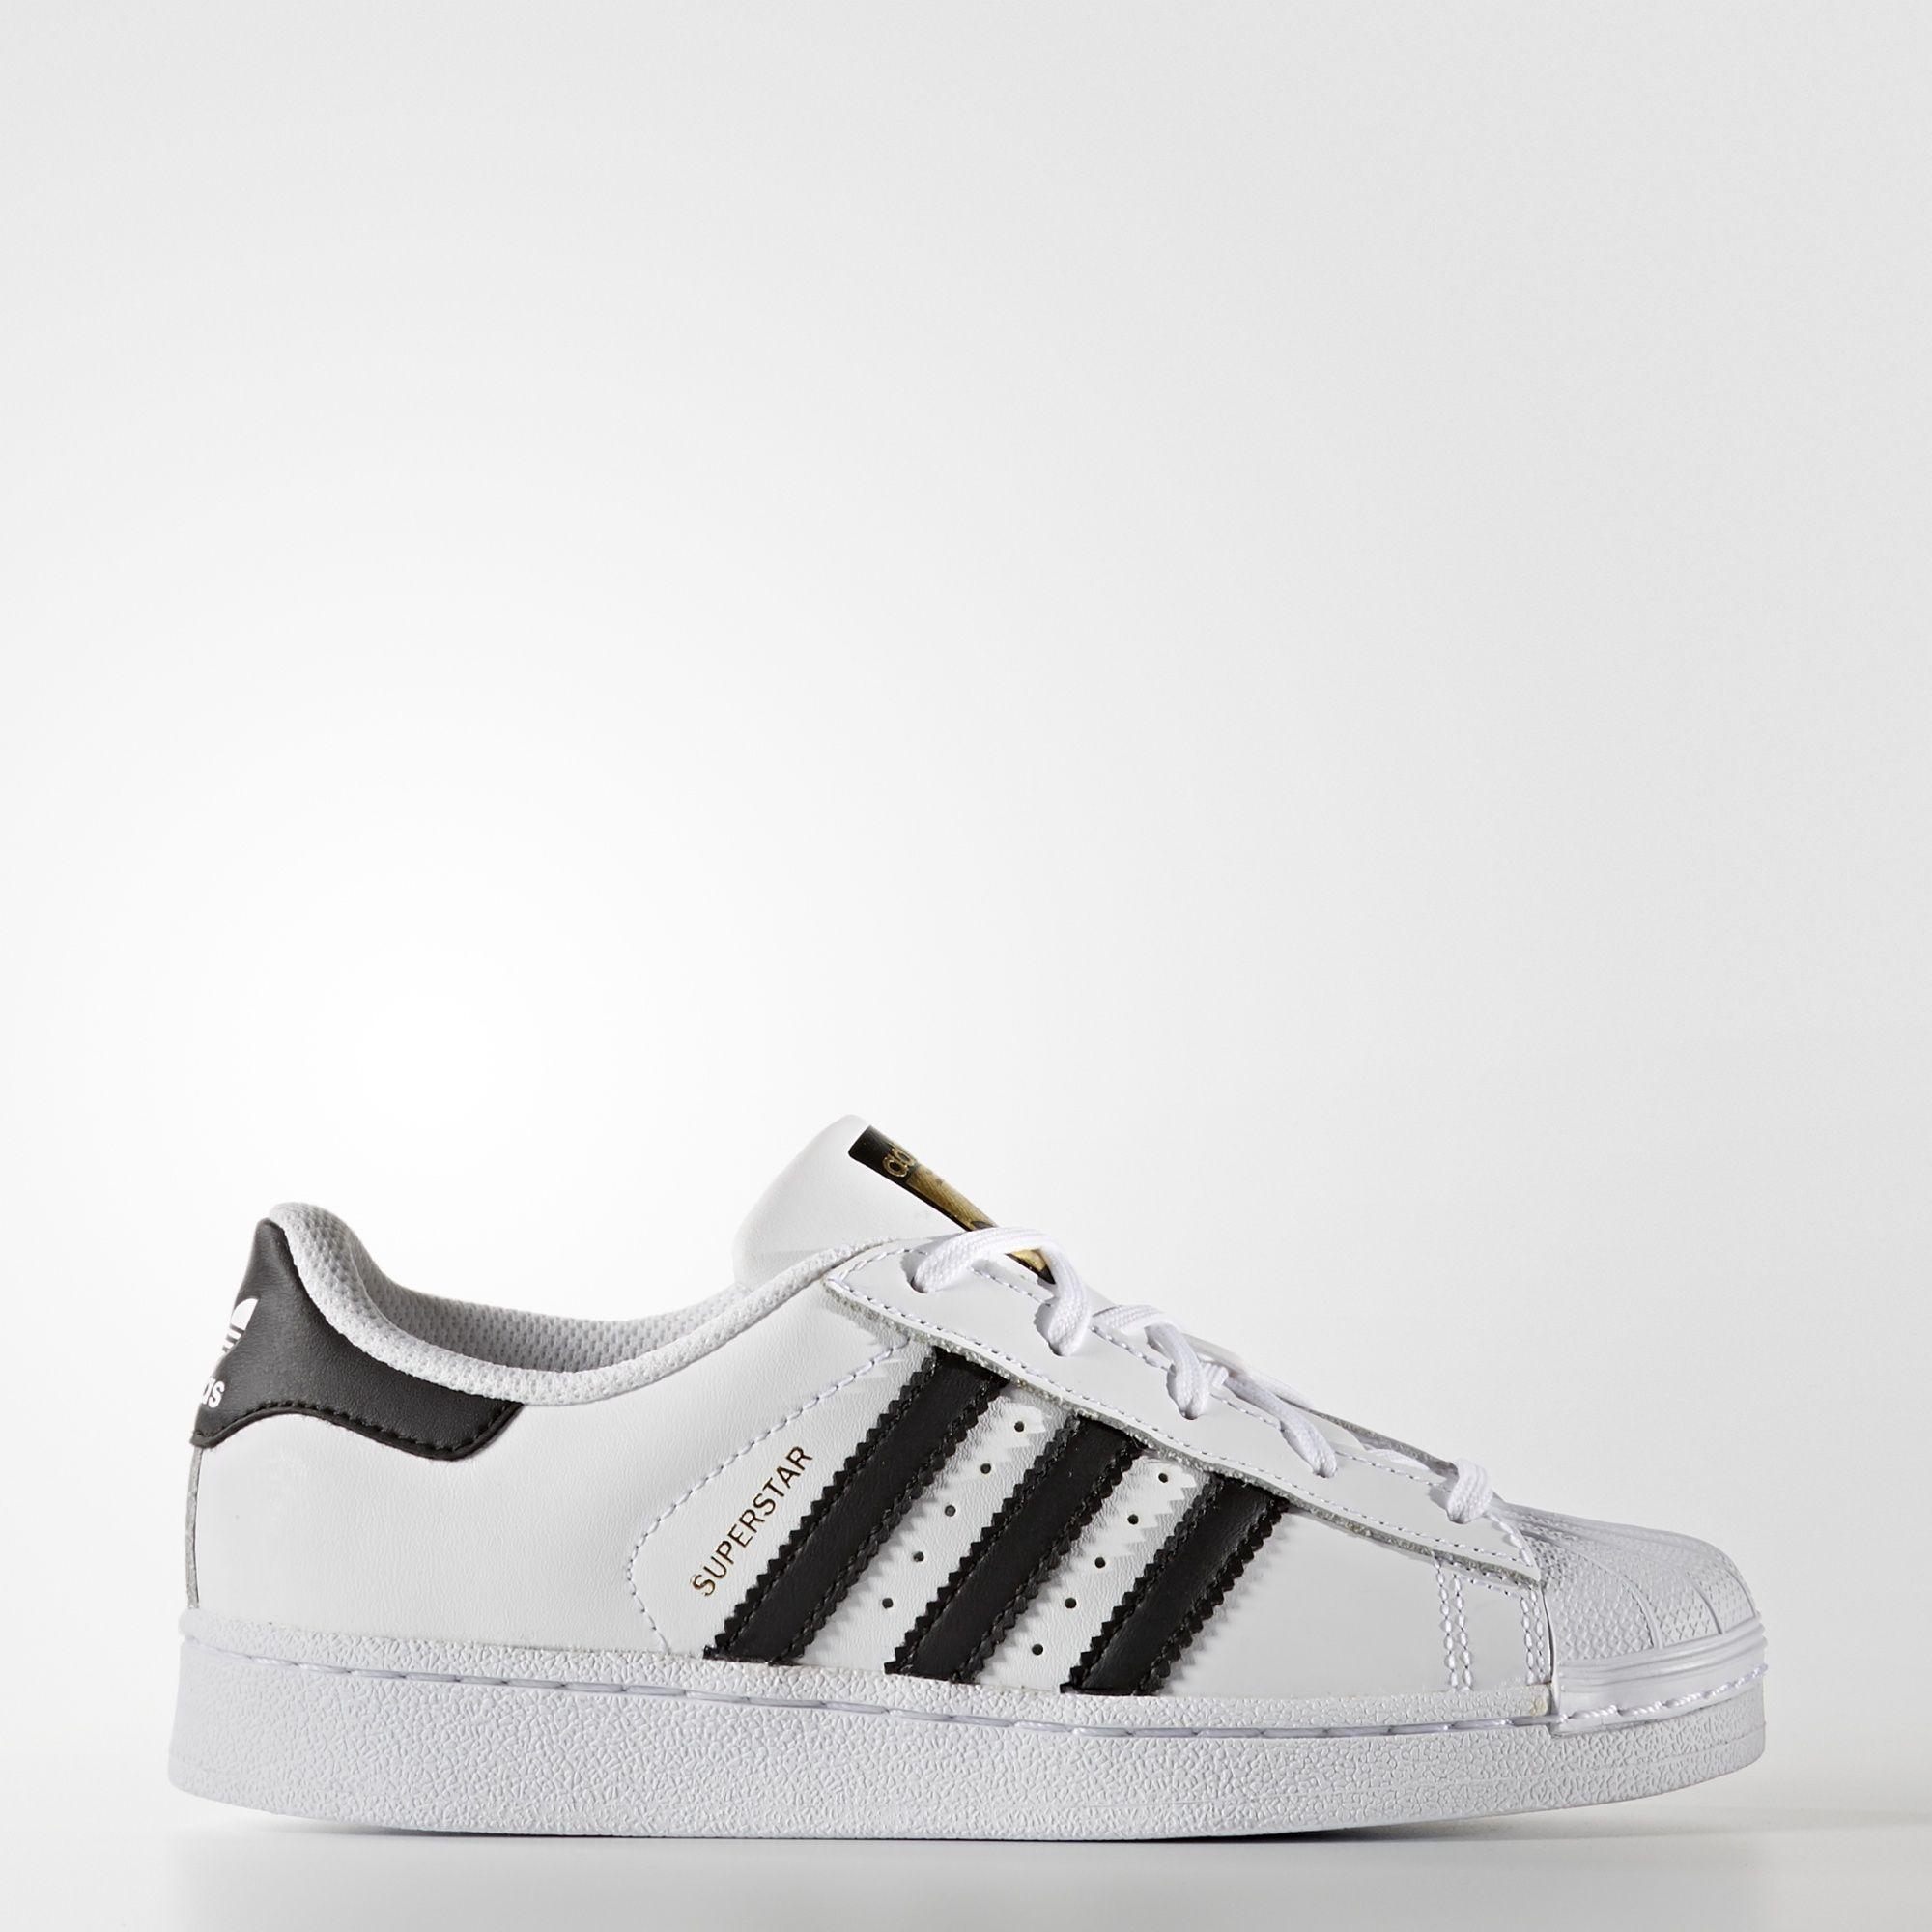 2408af7321b Sneakers BA8378 Zapatillas Adidas Superstar Fundation Niño